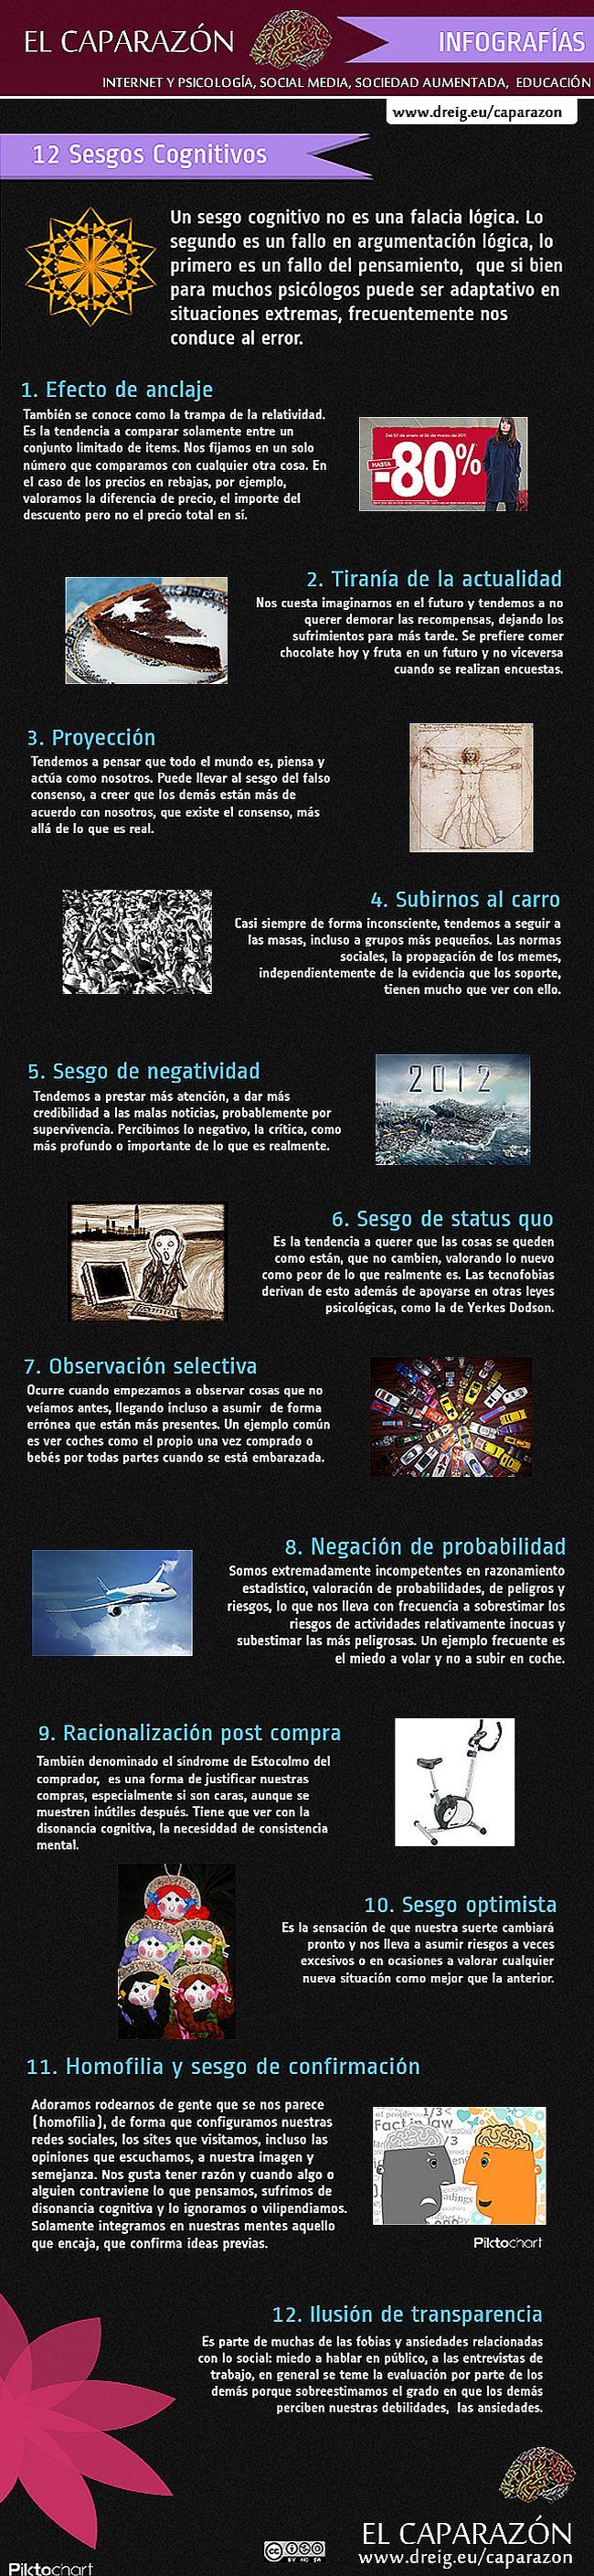 Hola: Compartimos una infografía sobre los 12 Sesgos Cognitivos de los Grupos Sociales. Un gran saludo. Elaboración: elcaparazon